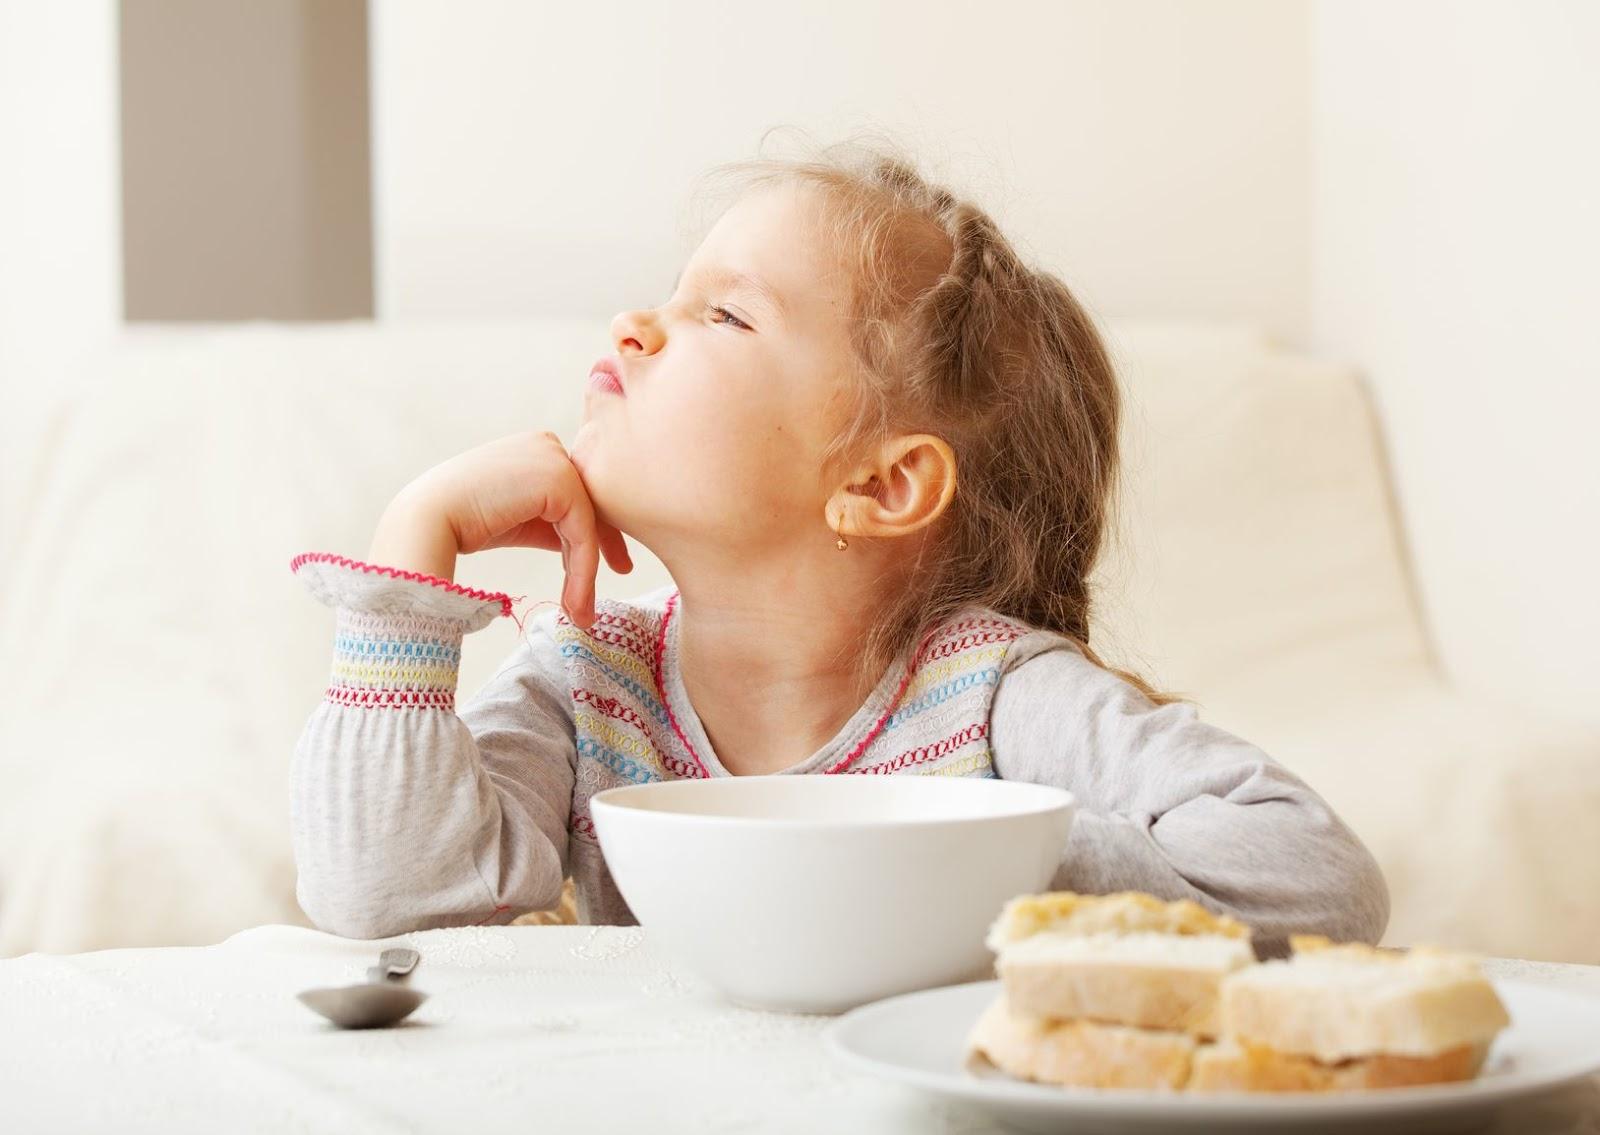 Çocuklarda Hatalı Beslenme Alışkanlıkları